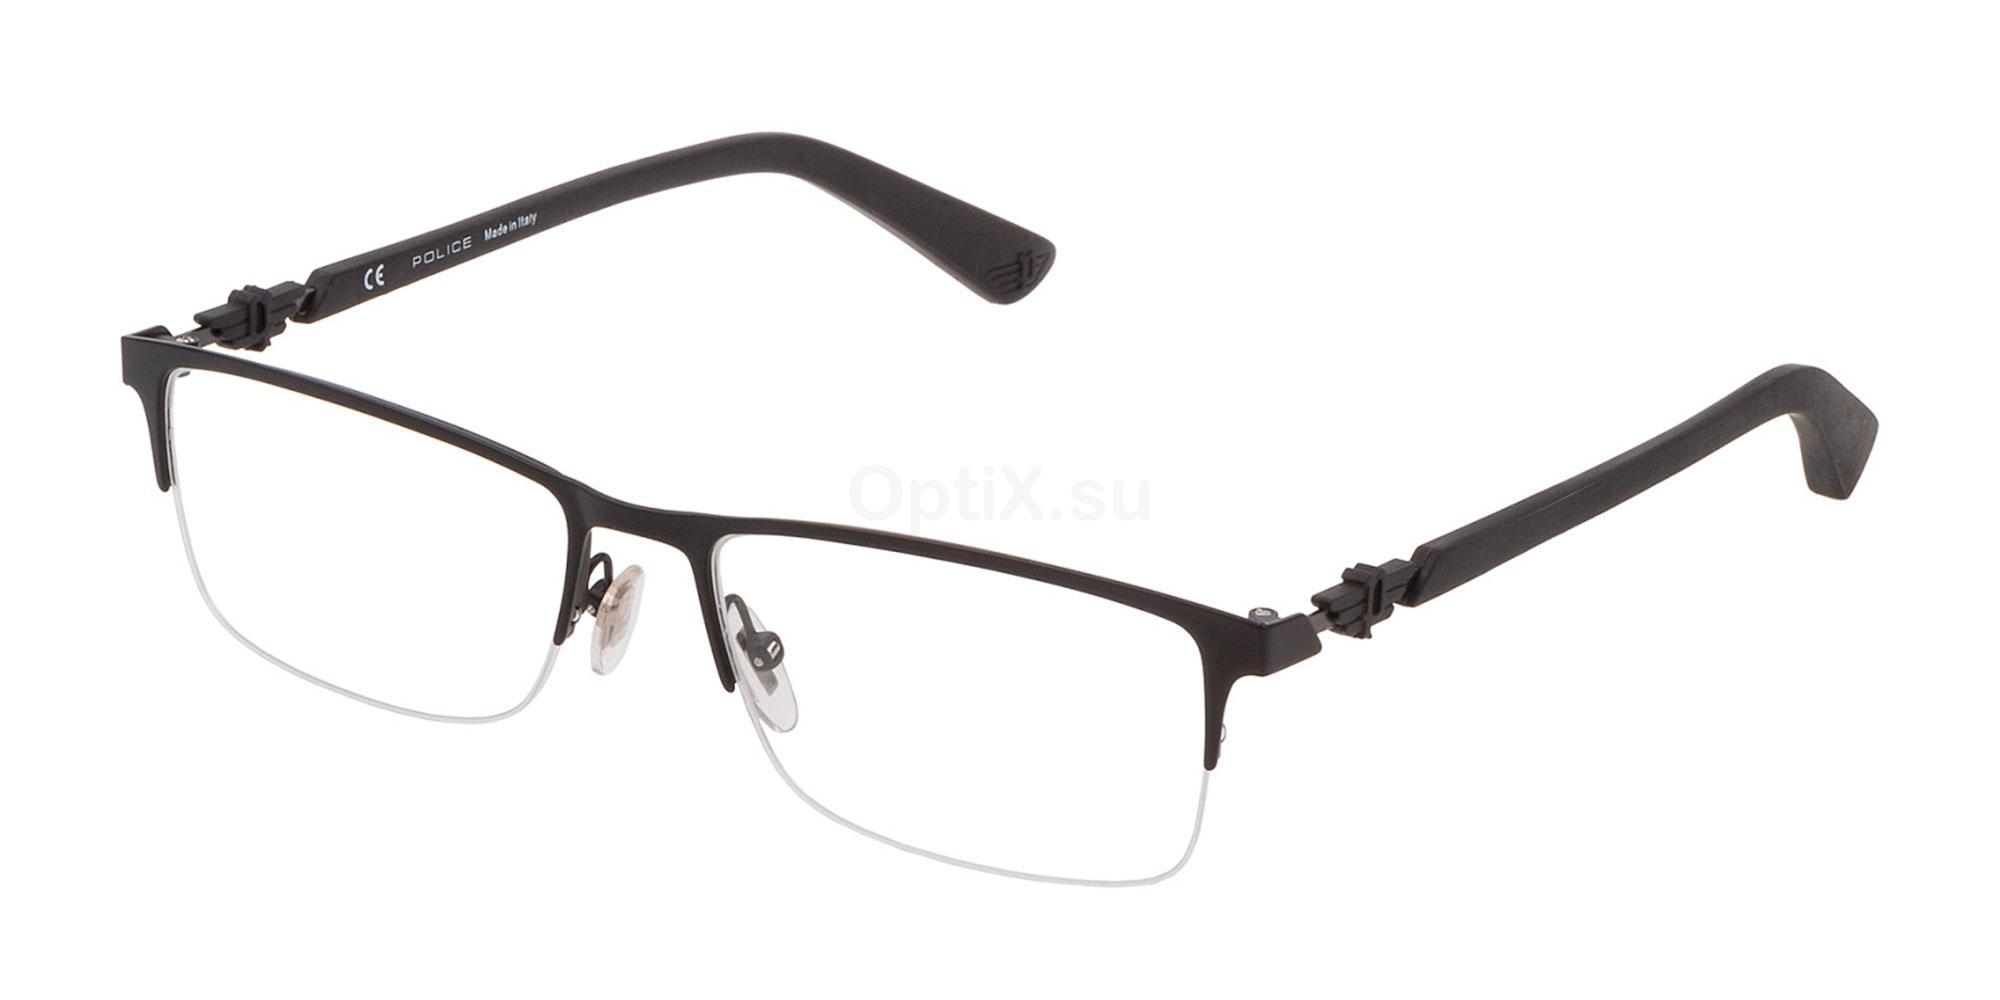 0531 VPL794 Glasses, Police